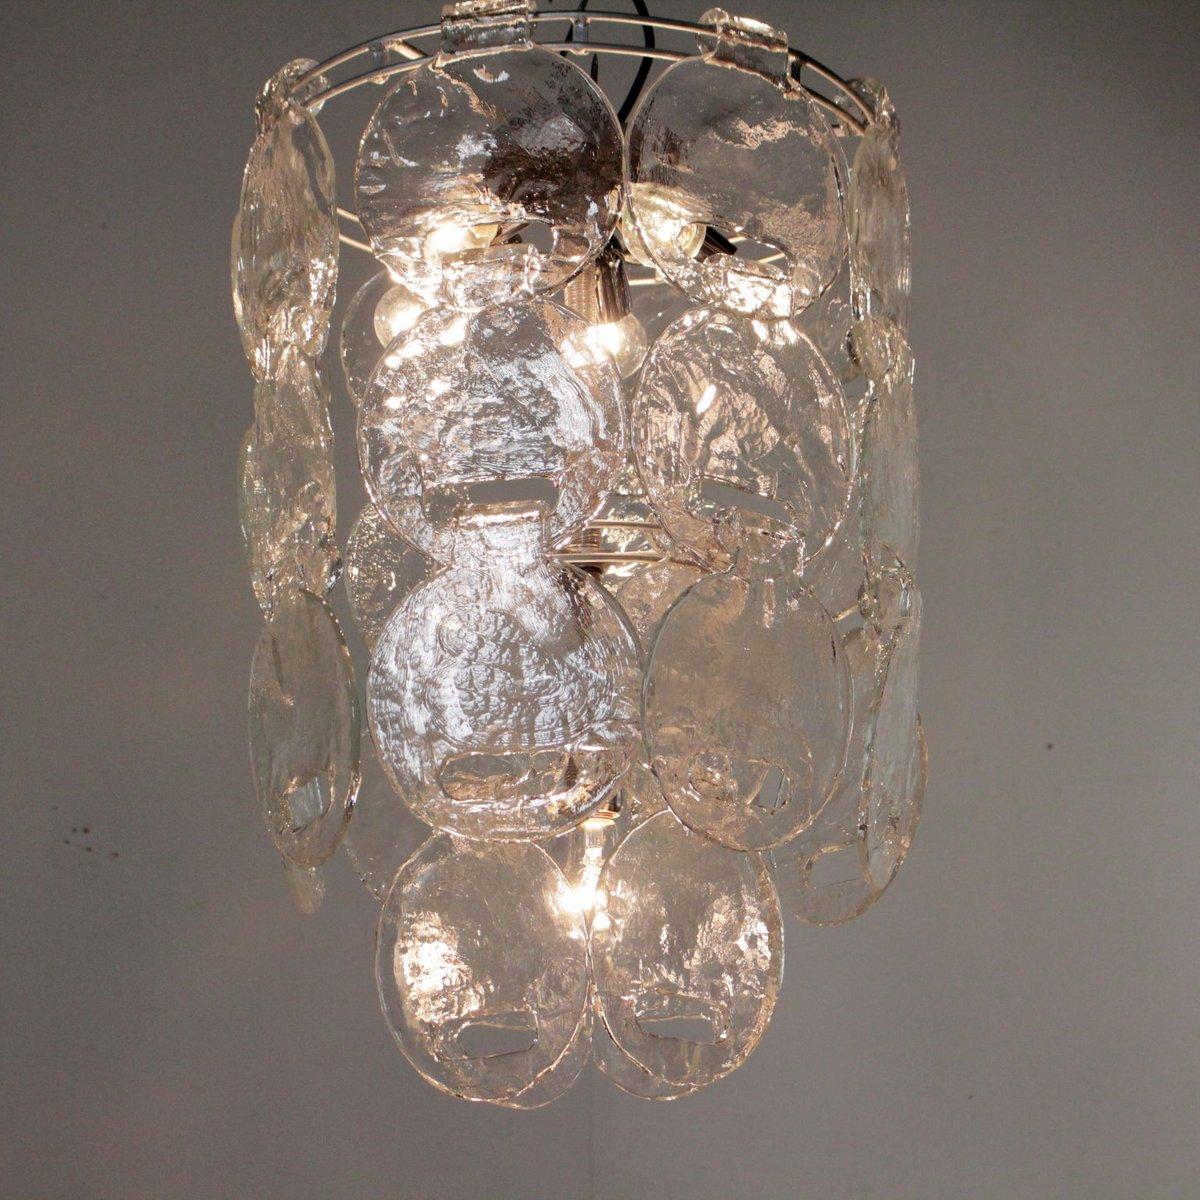 italienische vintage deckenlampe aus metall geblasenem. Black Bedroom Furniture Sets. Home Design Ideas